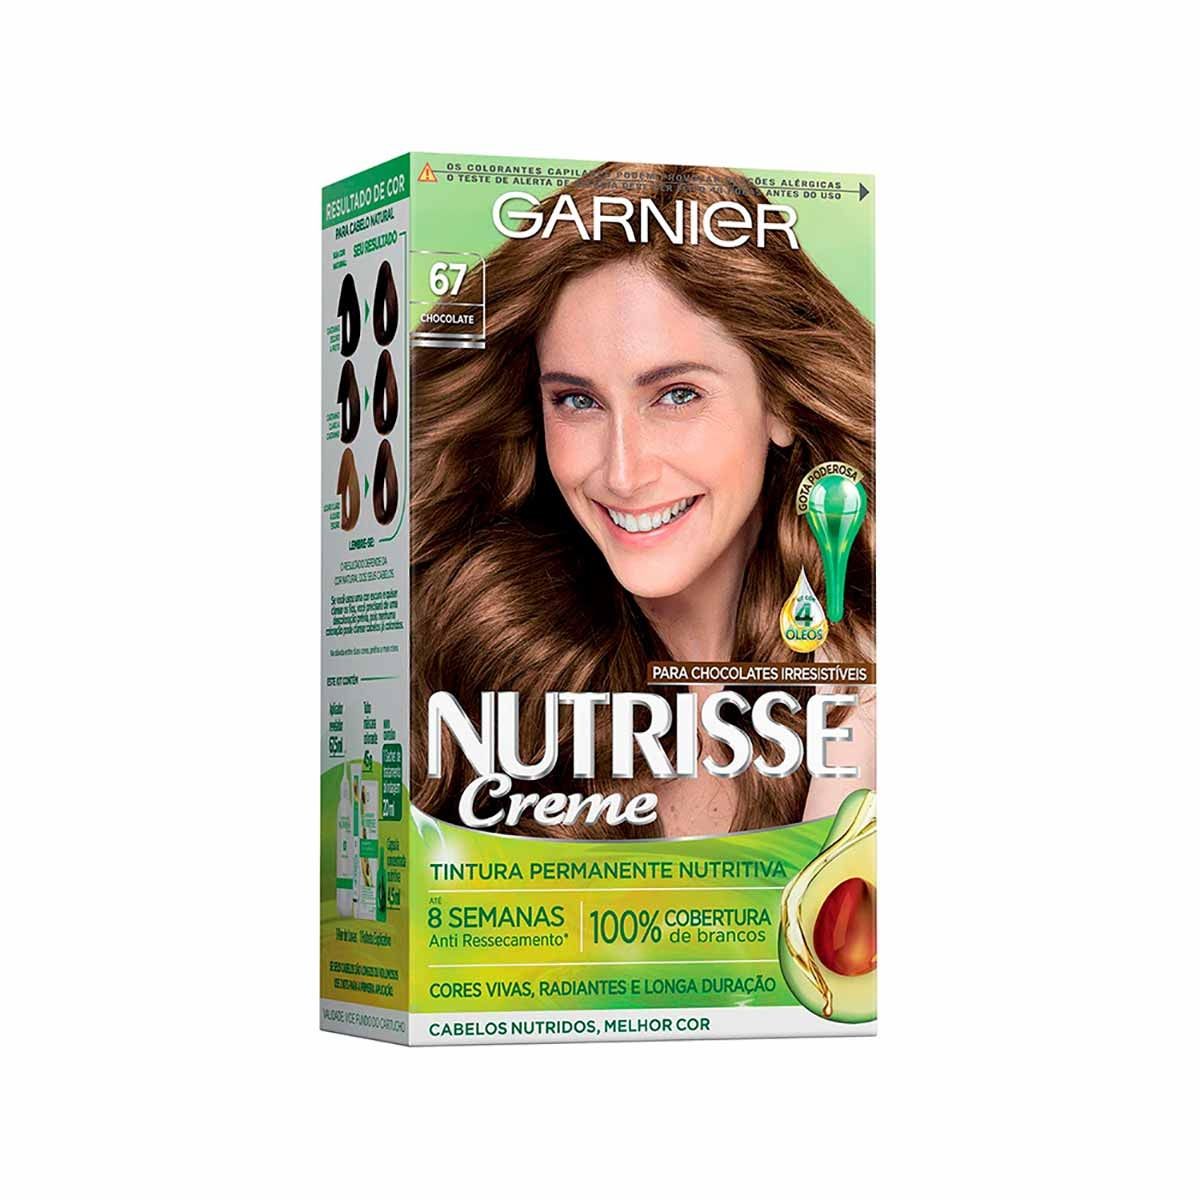 Tintura Permanente Nutrisse Creme 67 Chocolate Garnier 1 Unidade